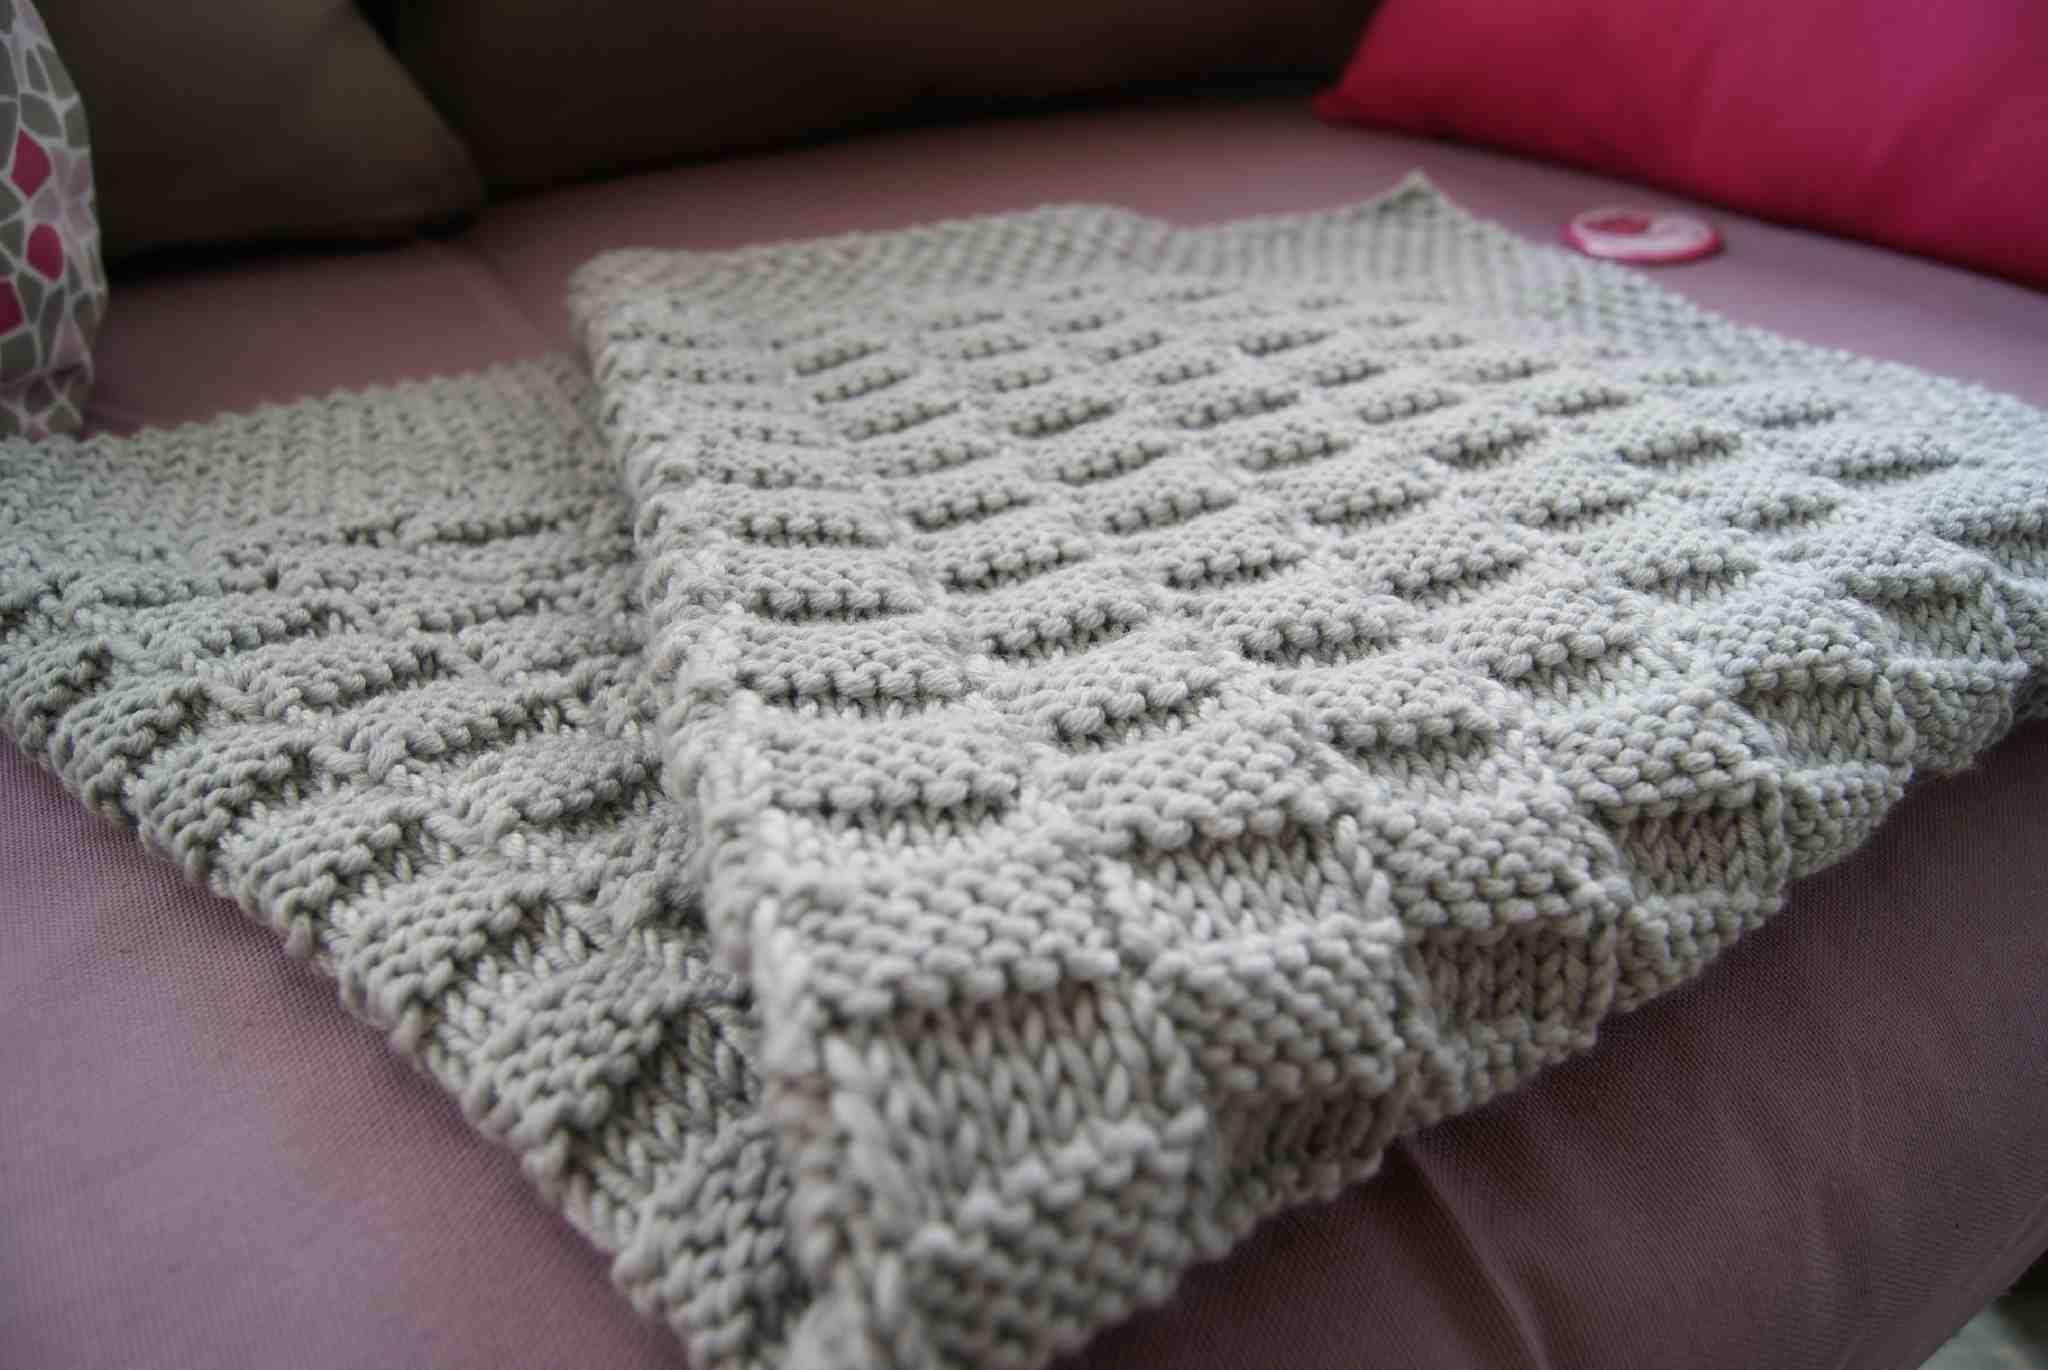 Quelle taille de couverture pour bébé?